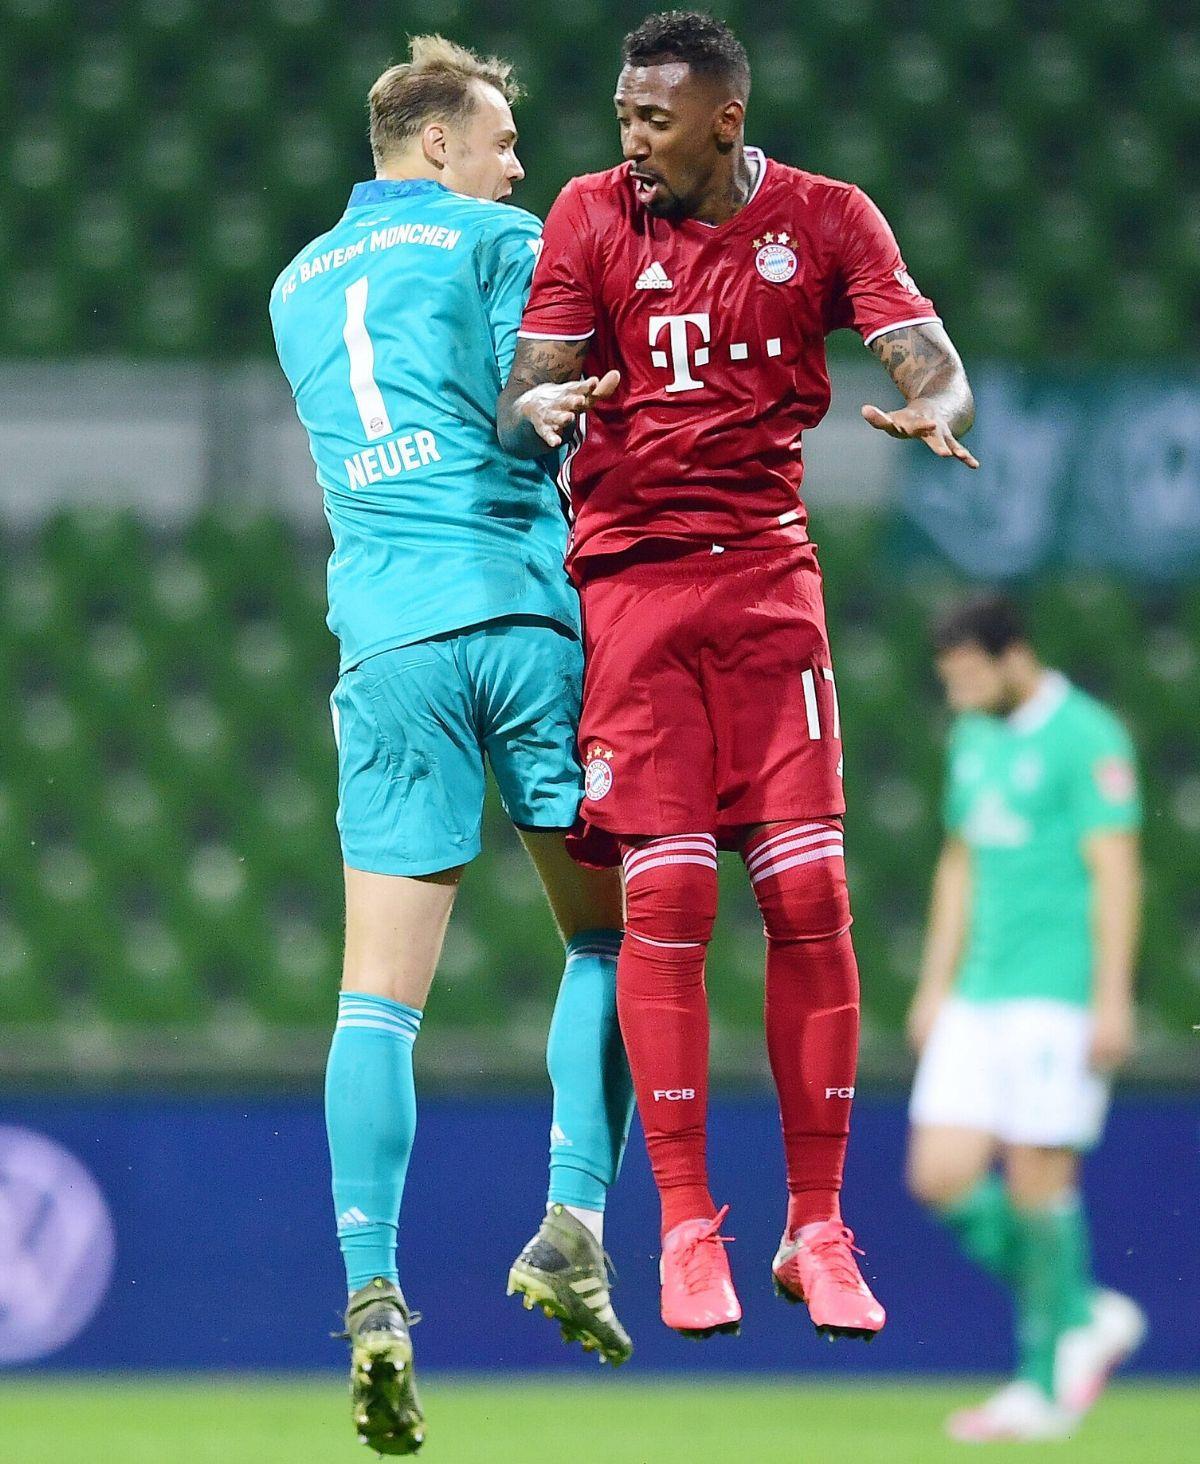 FC Bayern München ist Meister & so feiert das Team